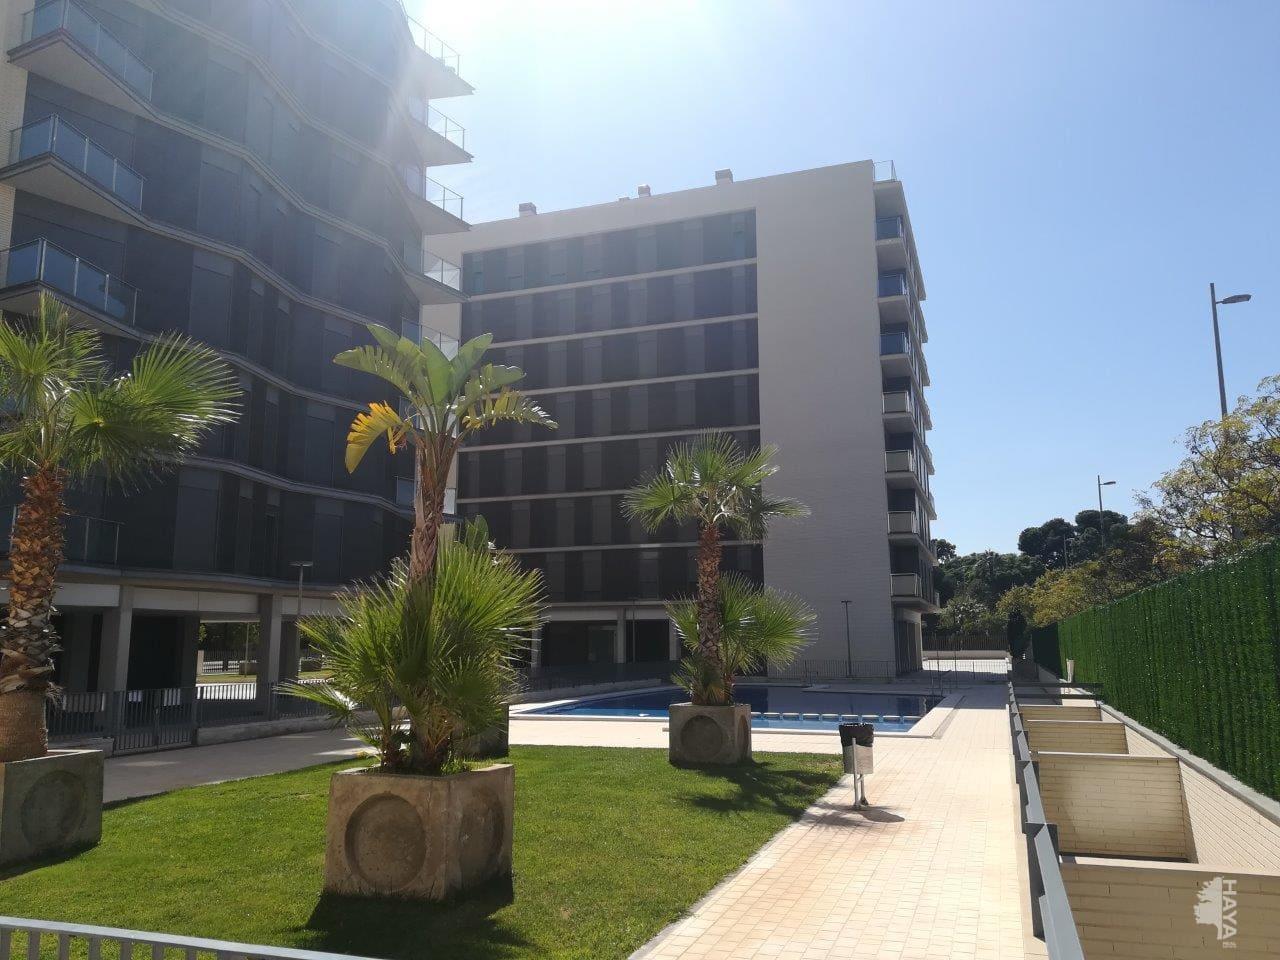 Piso en venta en Grupo Santiago, Castellón de la Plana/castelló de la Plana, Castellón, Calle la Safor, 137.550 €, 2 habitaciones, 2 baños, 131 m2